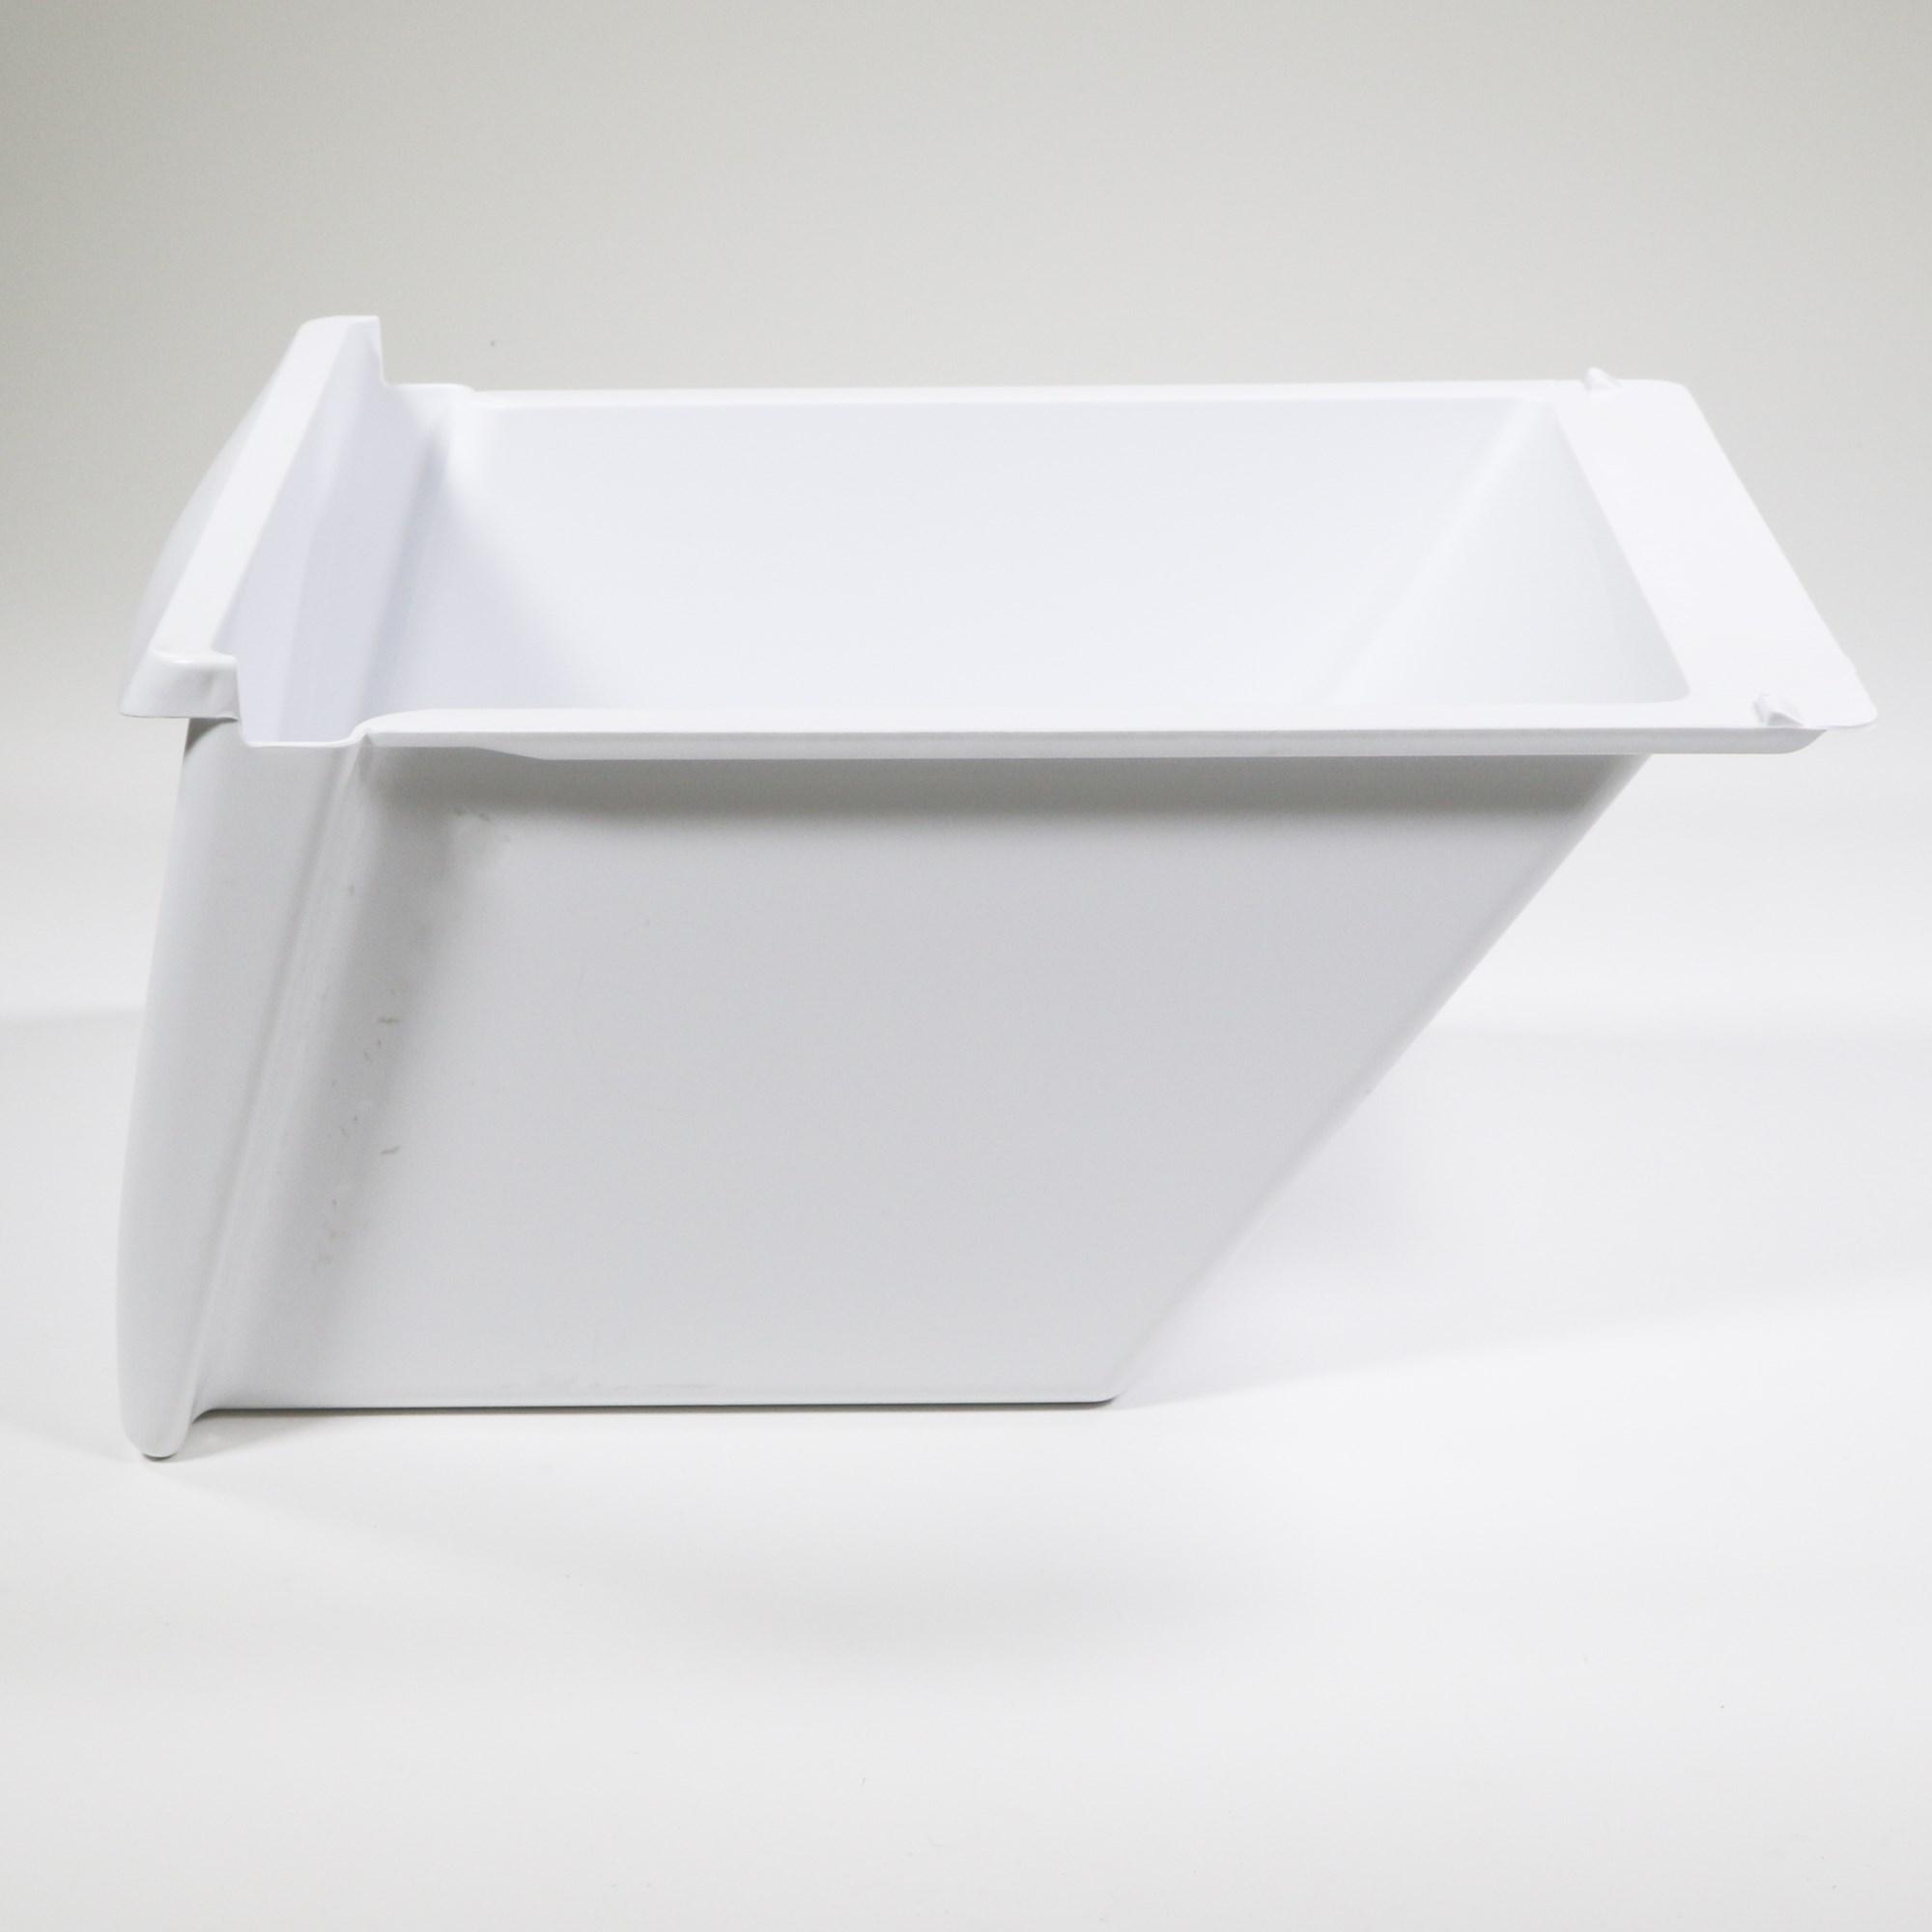 240364501 For Frigidaire Refrigerator Crisper Drawer by Frigidaire